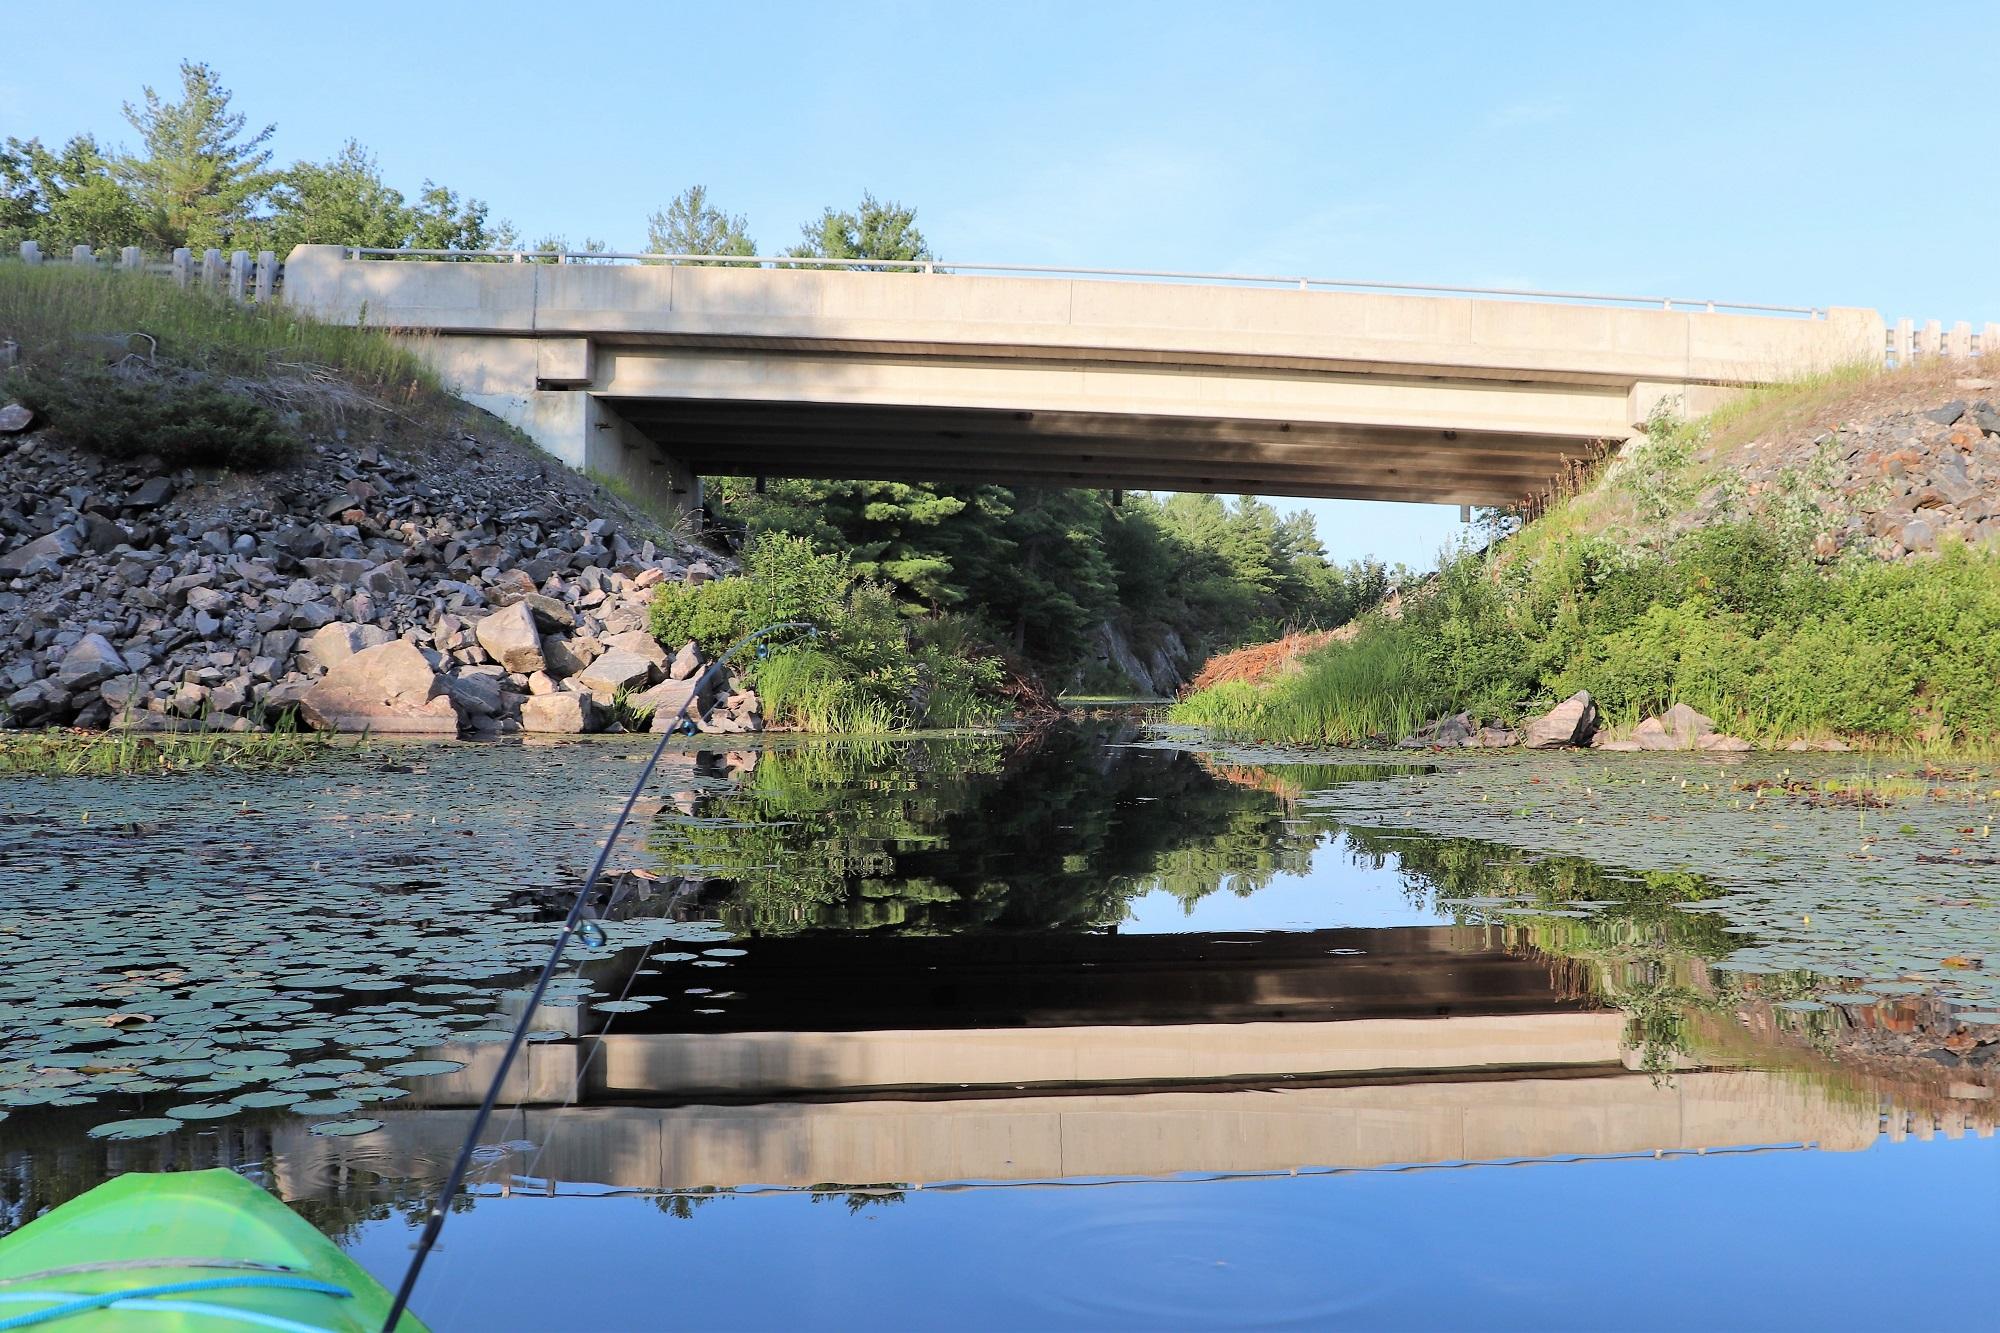 Mellon Lake CR41 Bridge